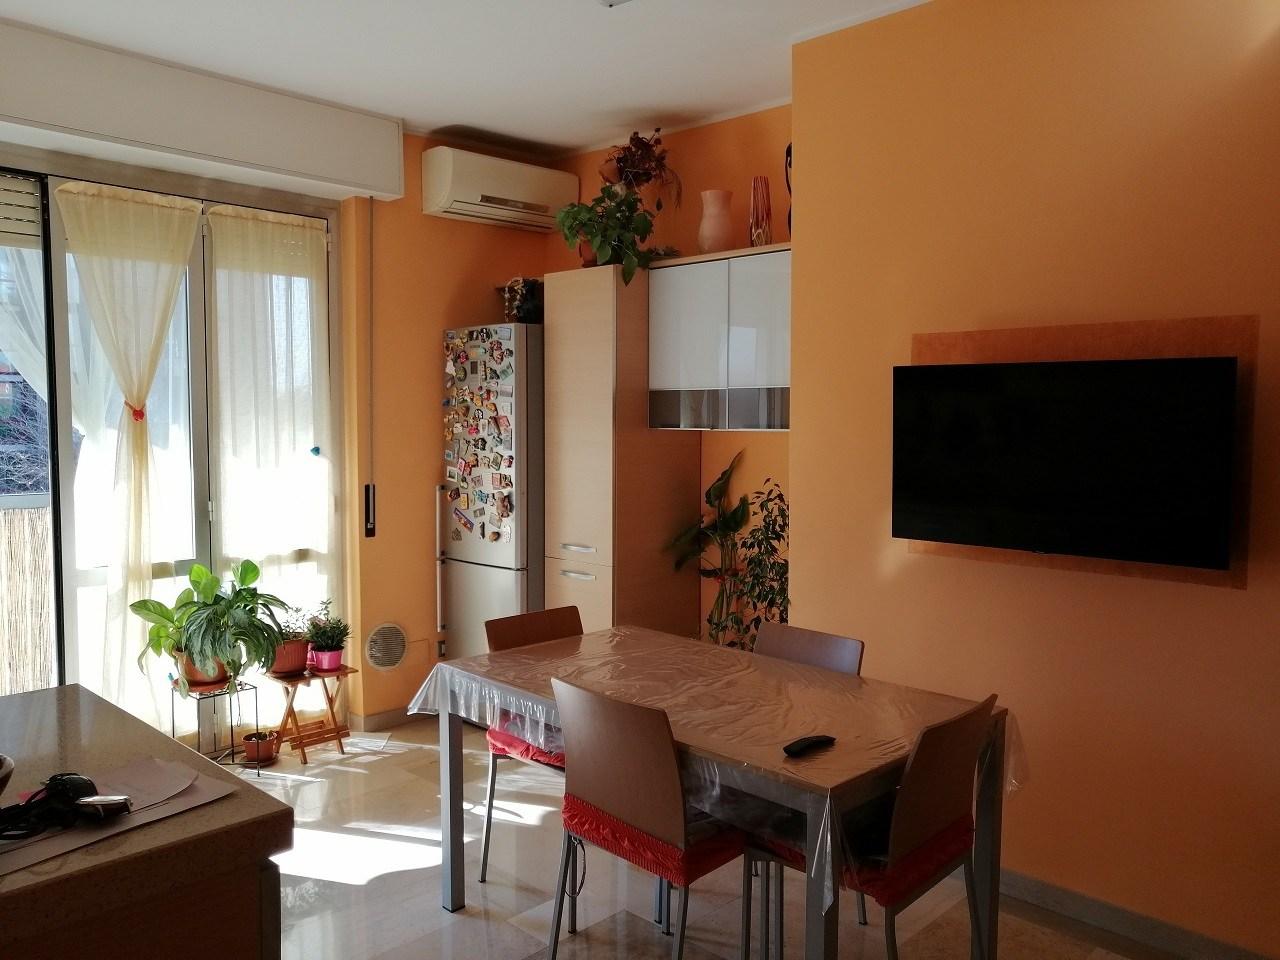 appartamenti-in-vendita-milano-baggio-2-locali-via-valle-antrona-8-spaziourbano-immobiliare-vene-8